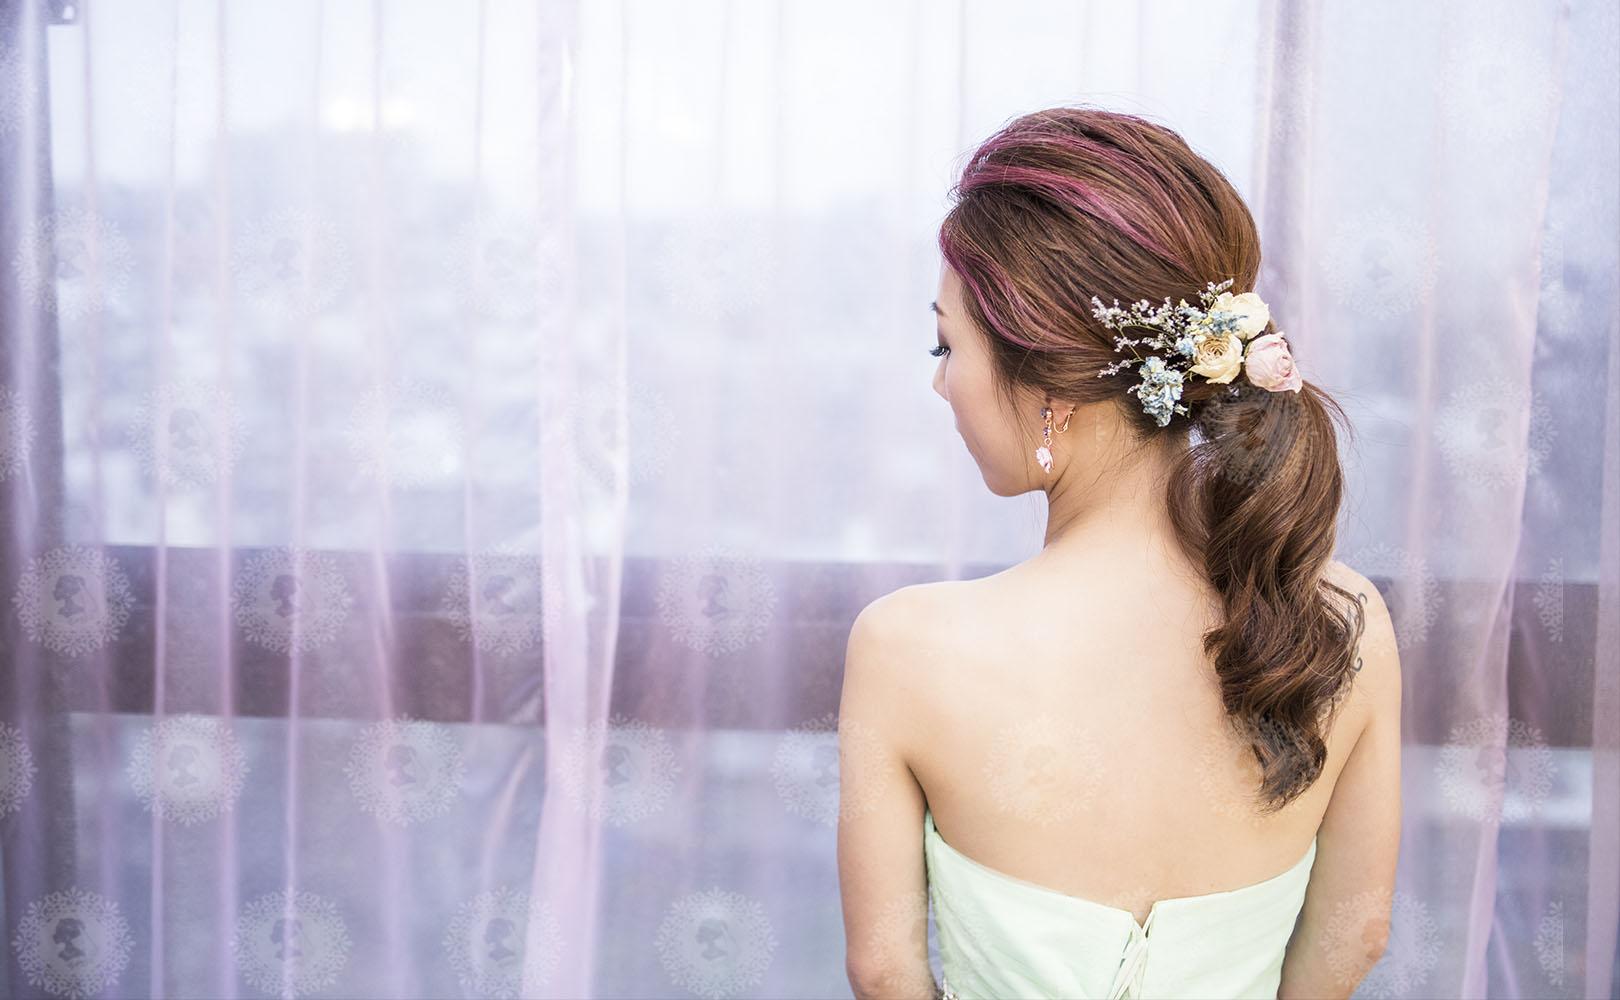 新娘秘書造型師作品-韓系低馬尾/綠野仙蹤作品照片圖4